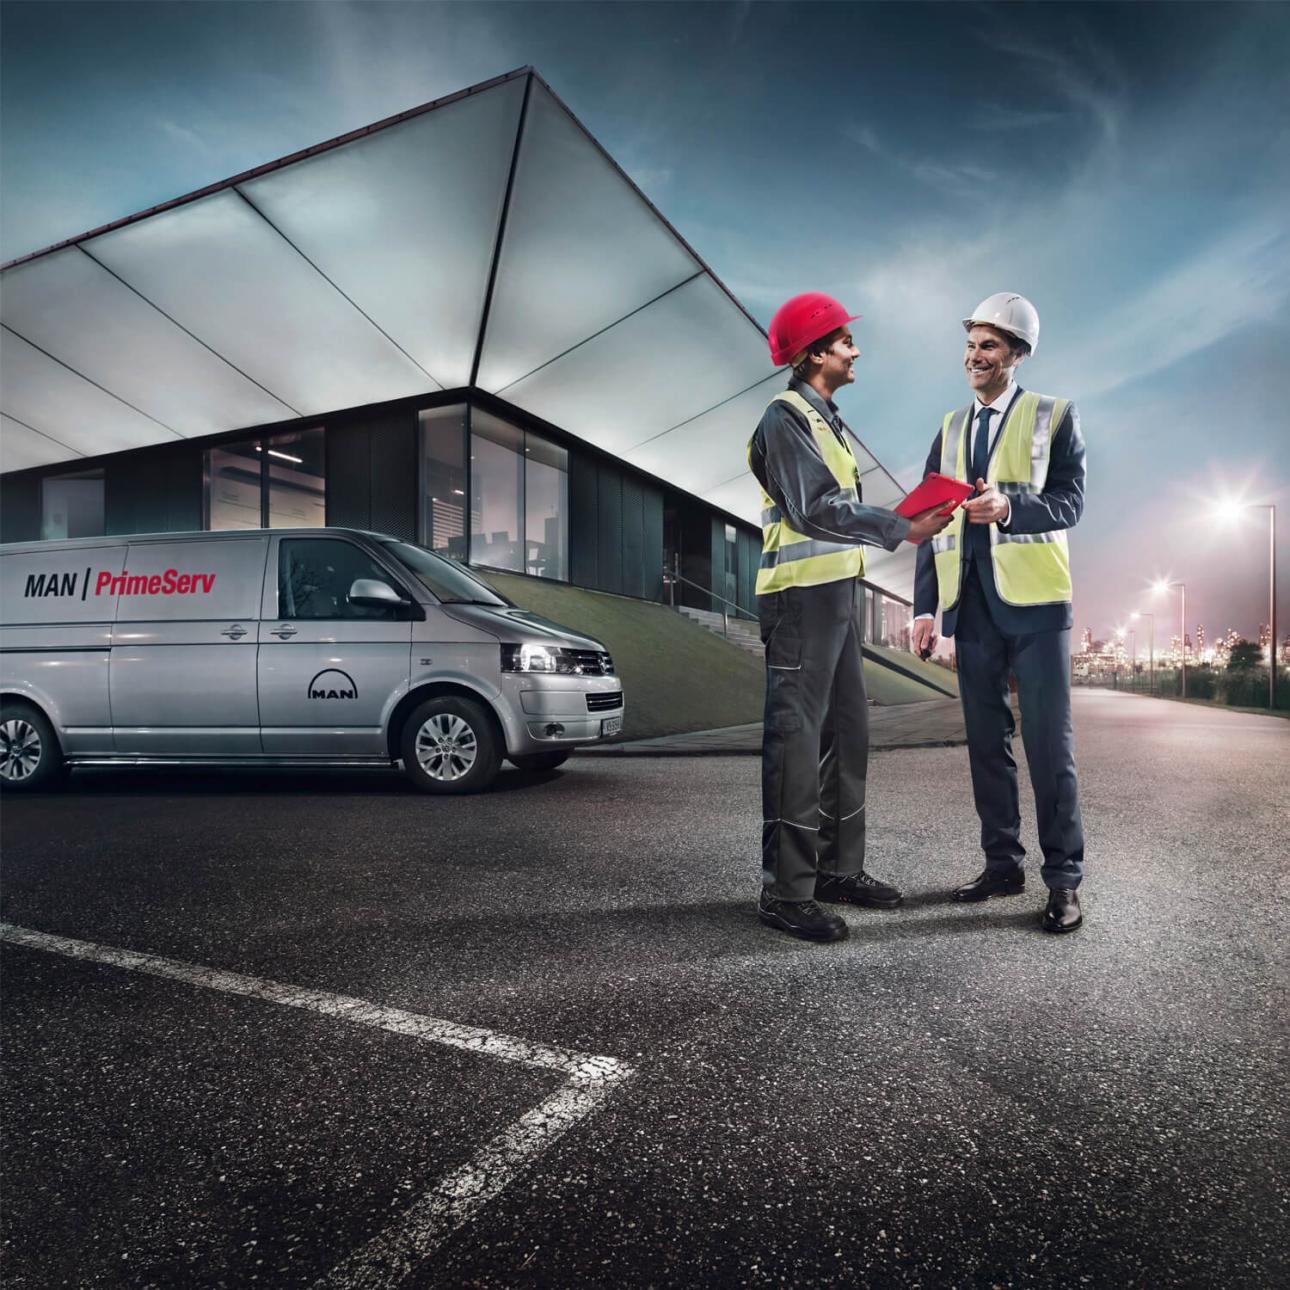 Fotografie von Kampagnemotiven für weltweite MAN PrimeServ Werbekampagne, Konzeption und Design von der 31M Design- und Werbeagentur